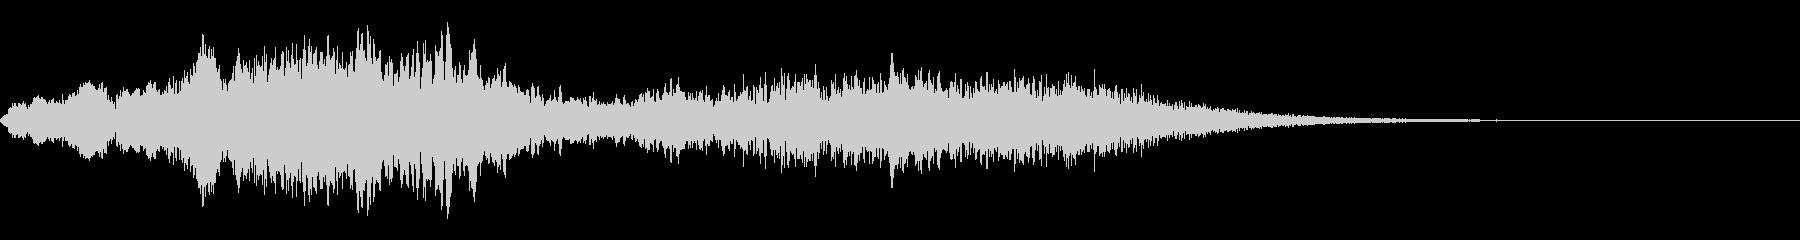 ホラー系導入音_その17の未再生の波形